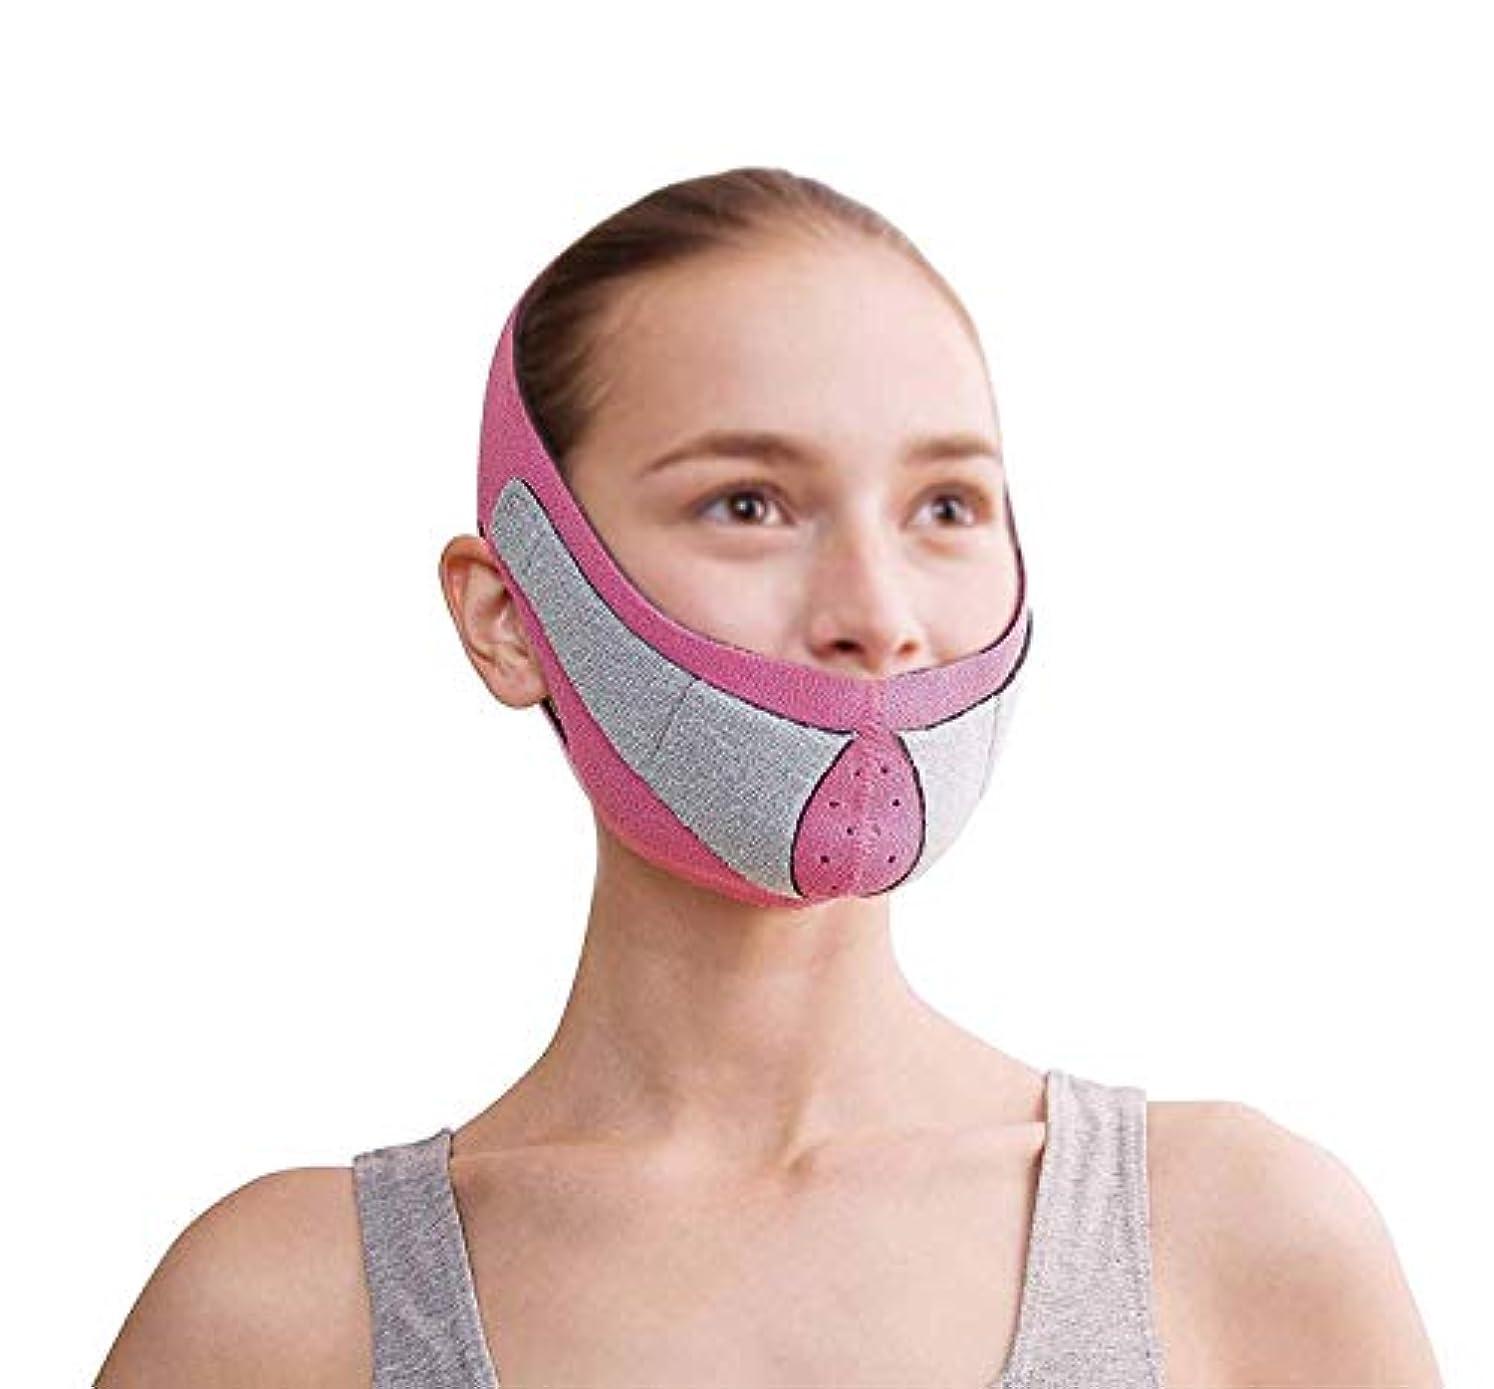 予防接種誰でもドラッグフェイスリフトマスク、顔のMaskplus薄いフェイスマスクタイトなたるみの薄いフェイスマスク顔の薄いフェイスマスクアーティファクトネックストラップ付き